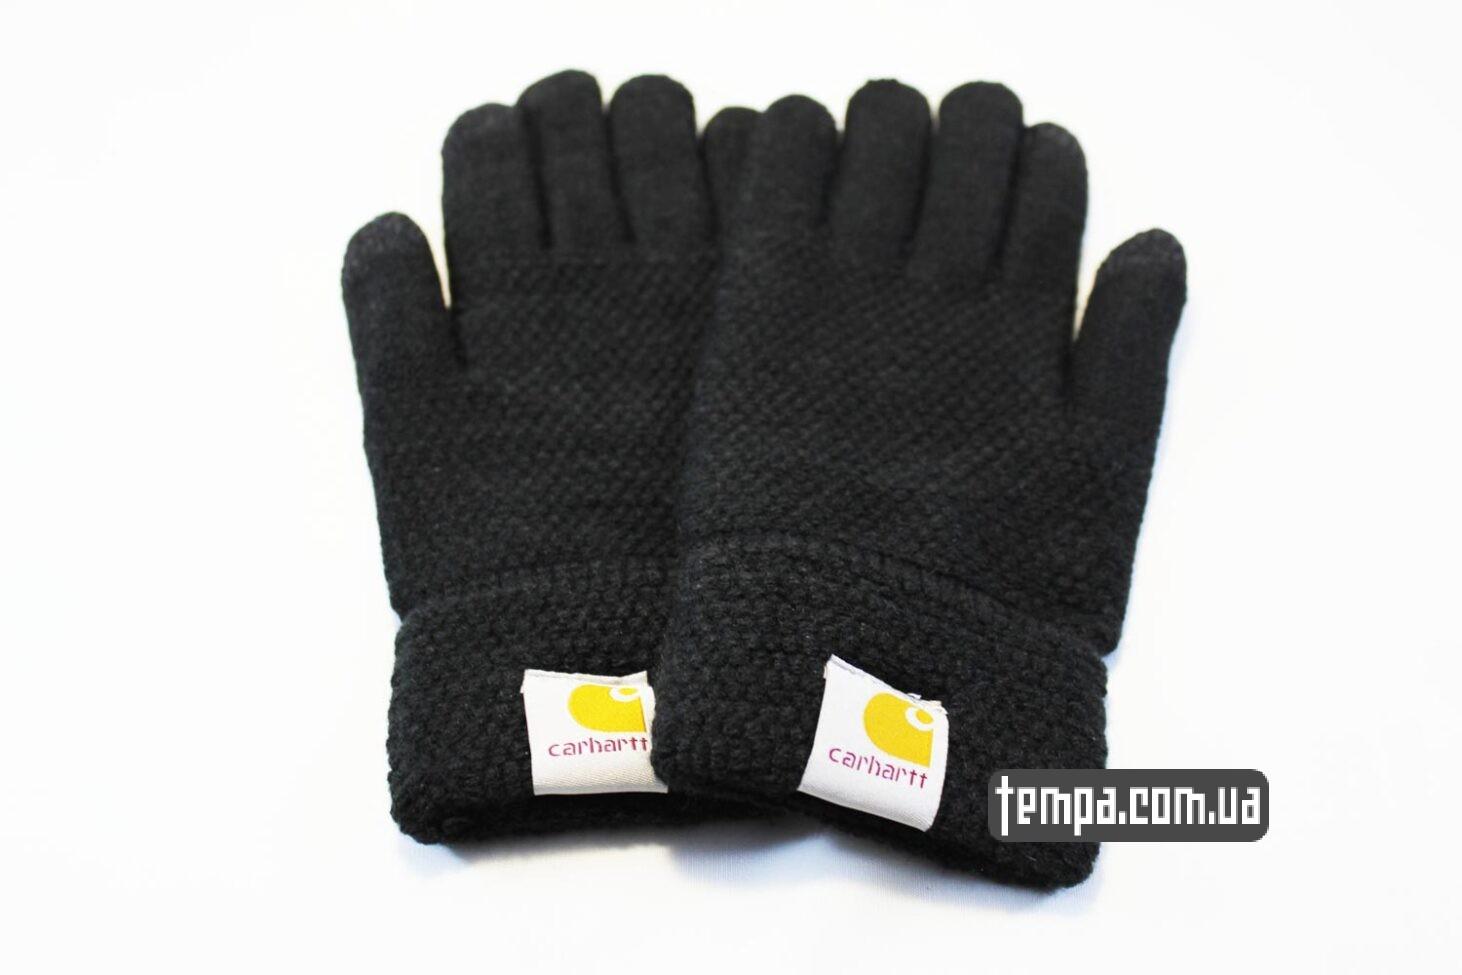 перчатки carhartt черные для мобильный сенсорных телефонов